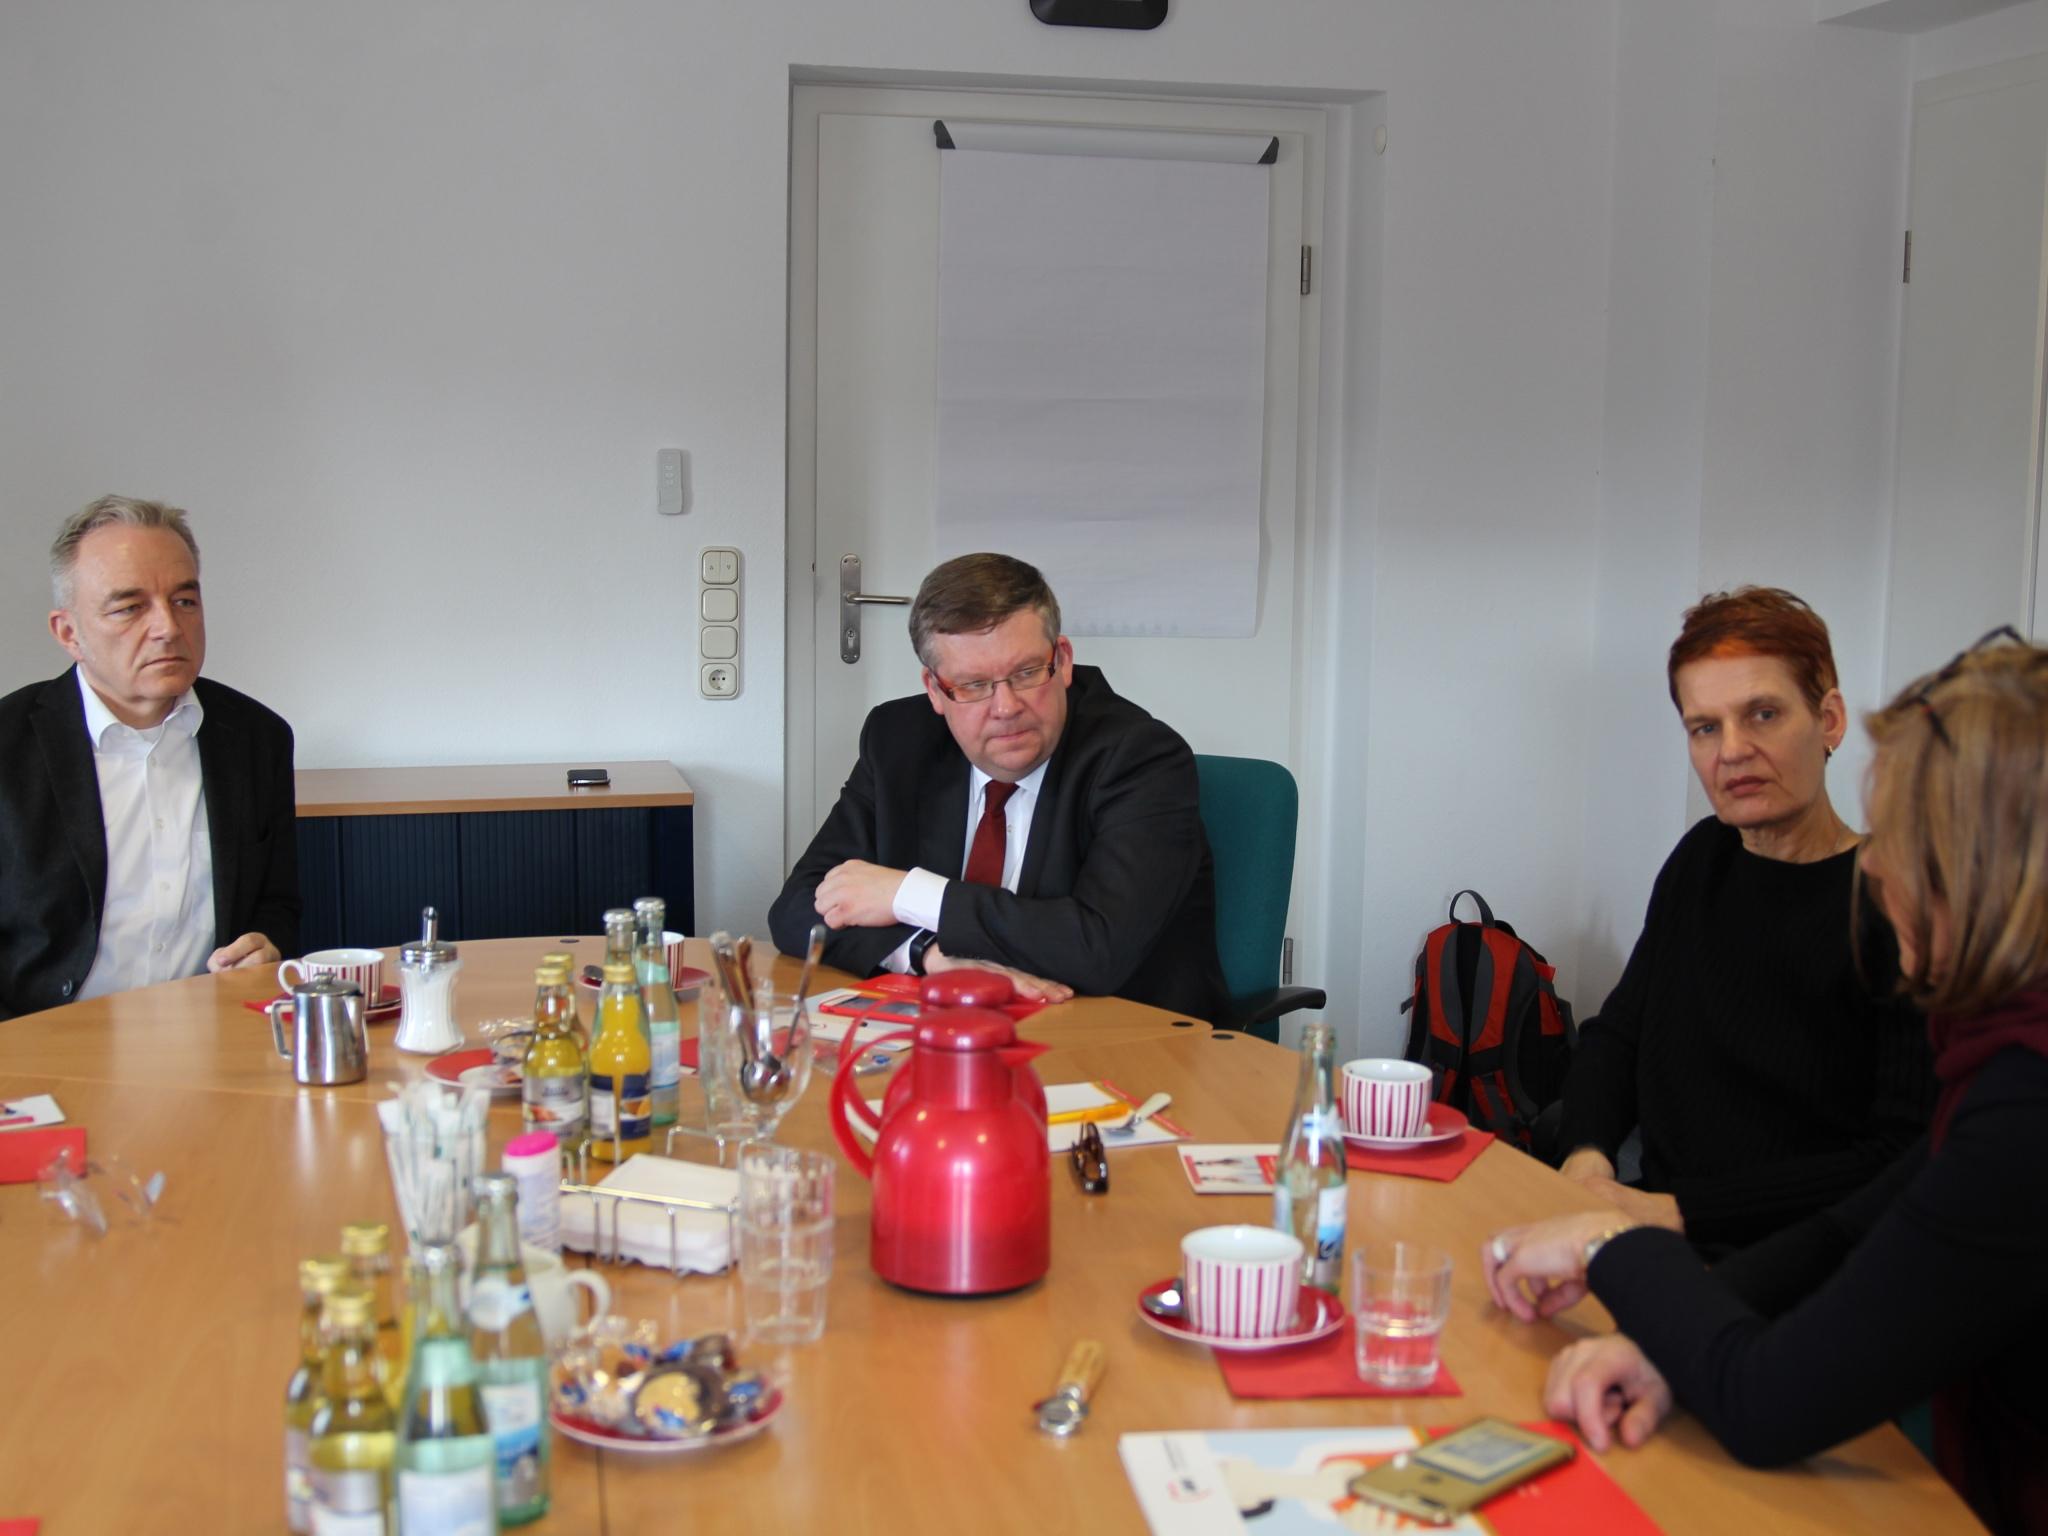 Unterstützung für Frauenhäuser! - Leiterin Britta Richl und AWO Bezirksgeschäftsführer Martin Ulses mit MdL Volkmar Halbleib und Simone Strohmayr. Foto: Traudl Baumeister